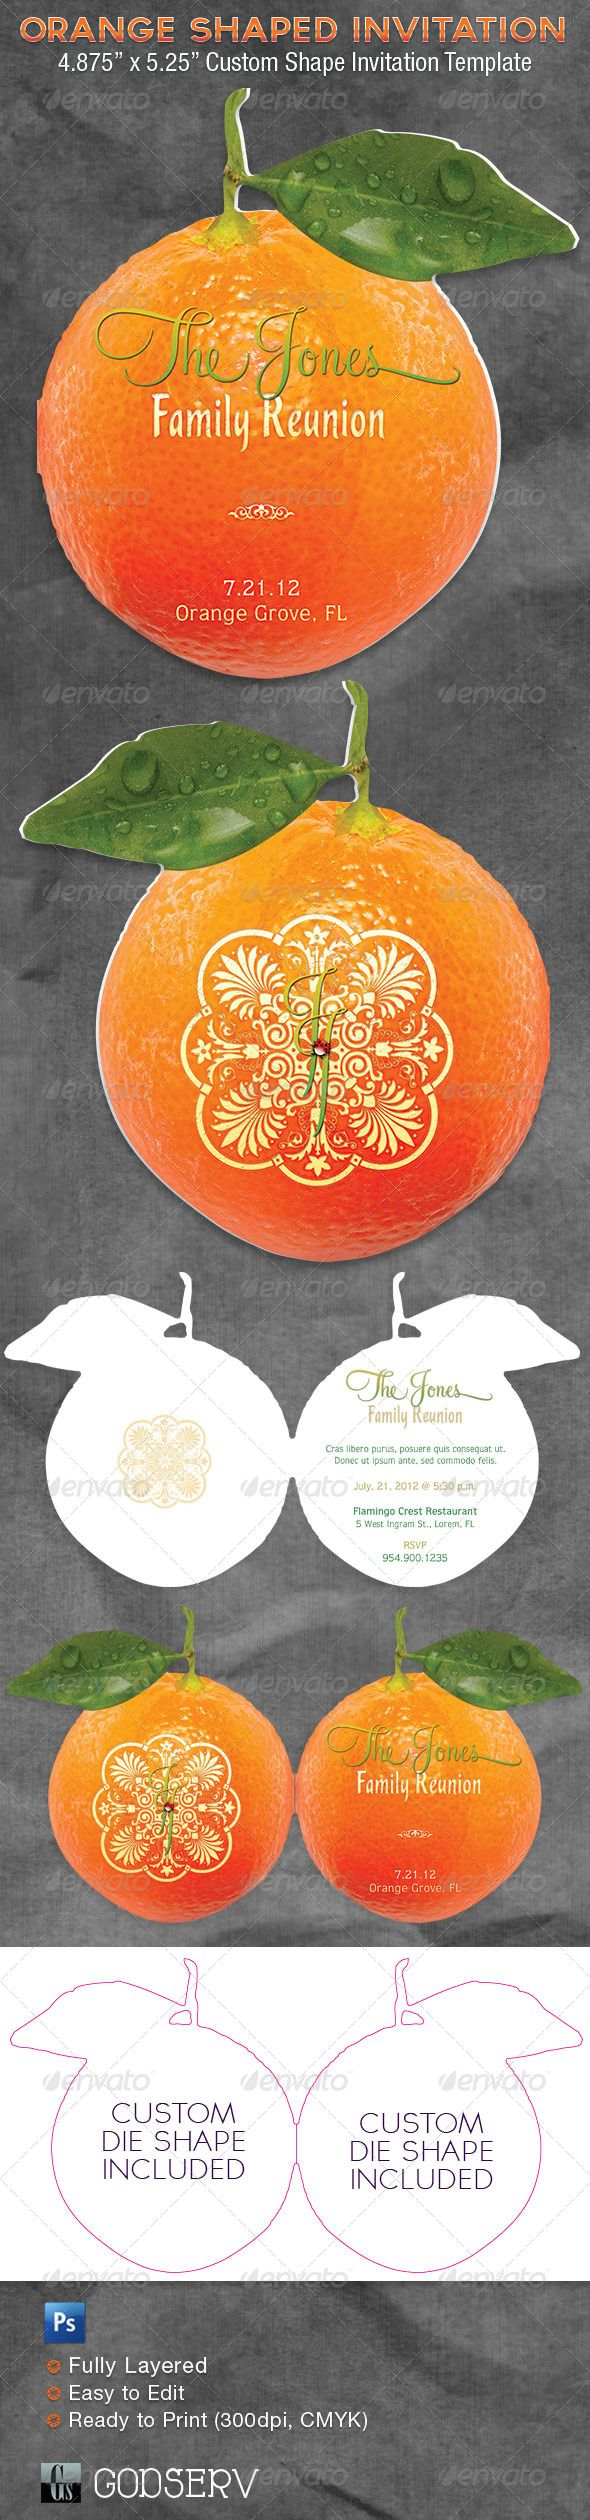 Orange Shaped Invitation Card Template The 105